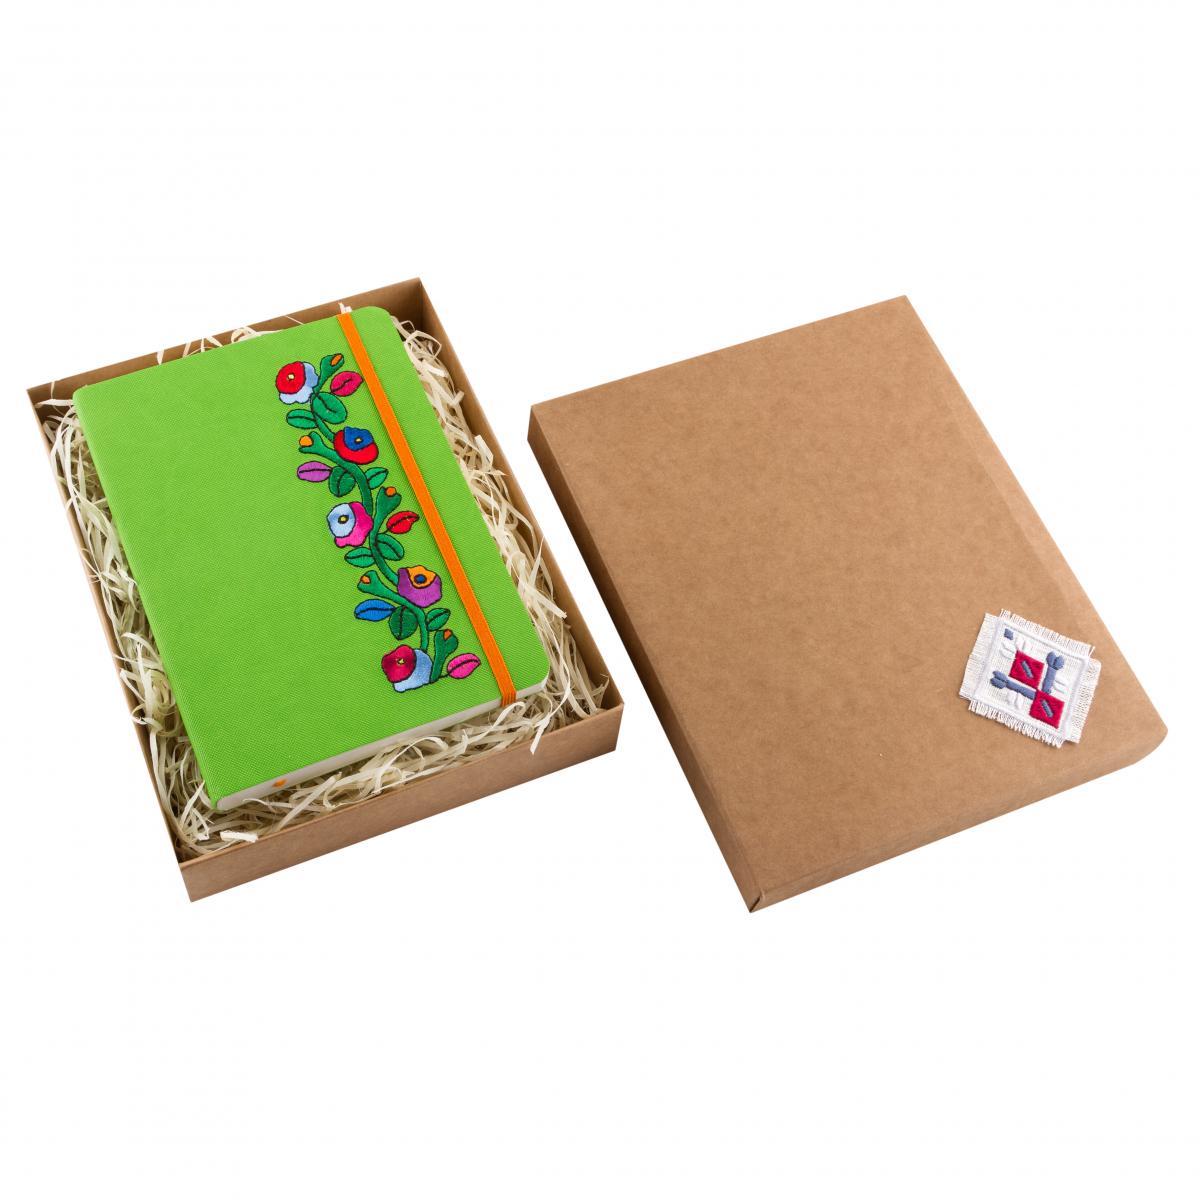 Зеленый блокнот с вышивкой. Фото №5. | Народный дом Украина